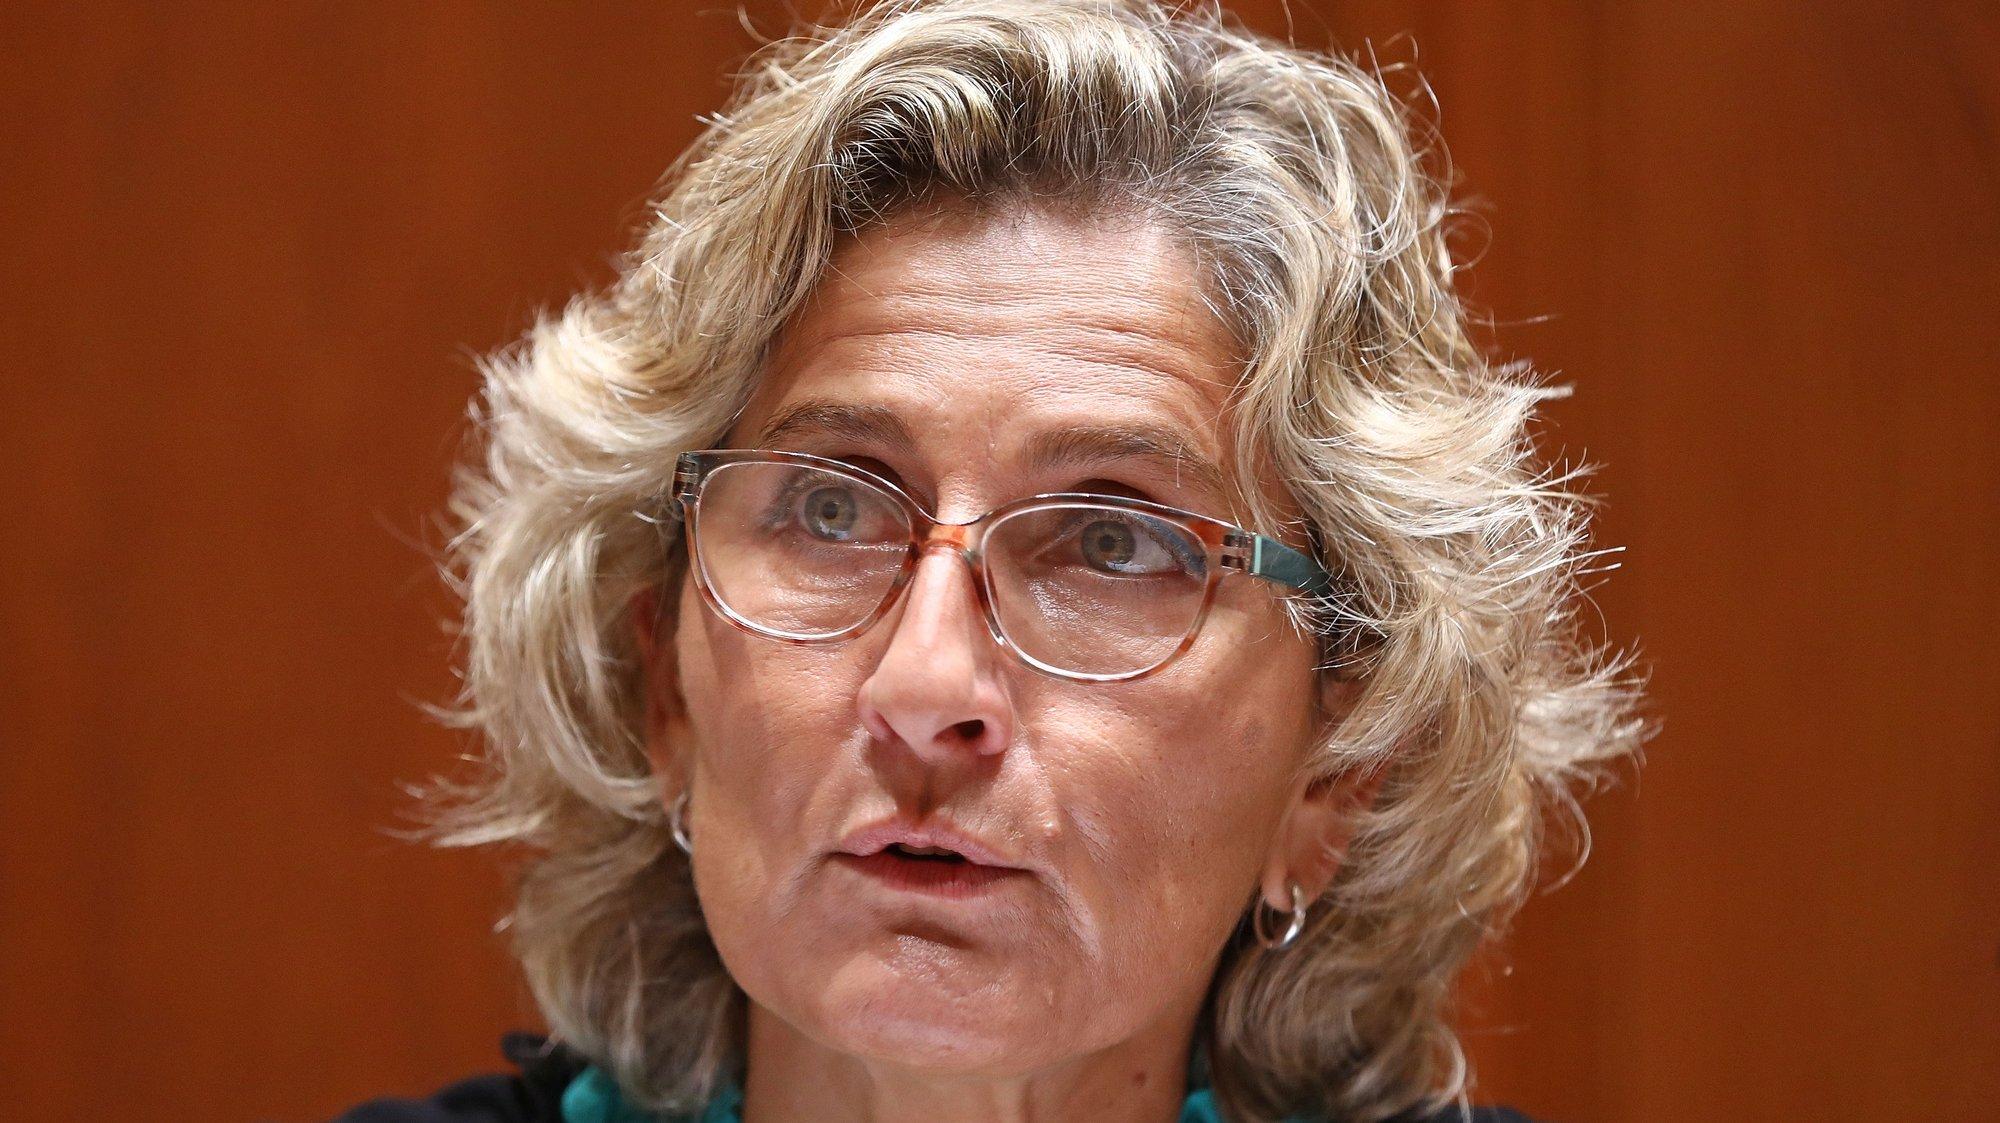 A ministra da Coesão Territorial, Ana Abrunhosa, intervém na sua audição conjunta com as comissões de Economia, Inovação, Obras Públicas e Habitação e de Administração Pública, Modernização Administrativa, Descentralização e Poder Local, no âmbito da apreciação, na especialidade, do Orçamento do Estado para 2021, na Assembleia da República, em Lisboa, 04 de novembro de 2020. ANTÓNIO PEDRO SANTOS/LUSA